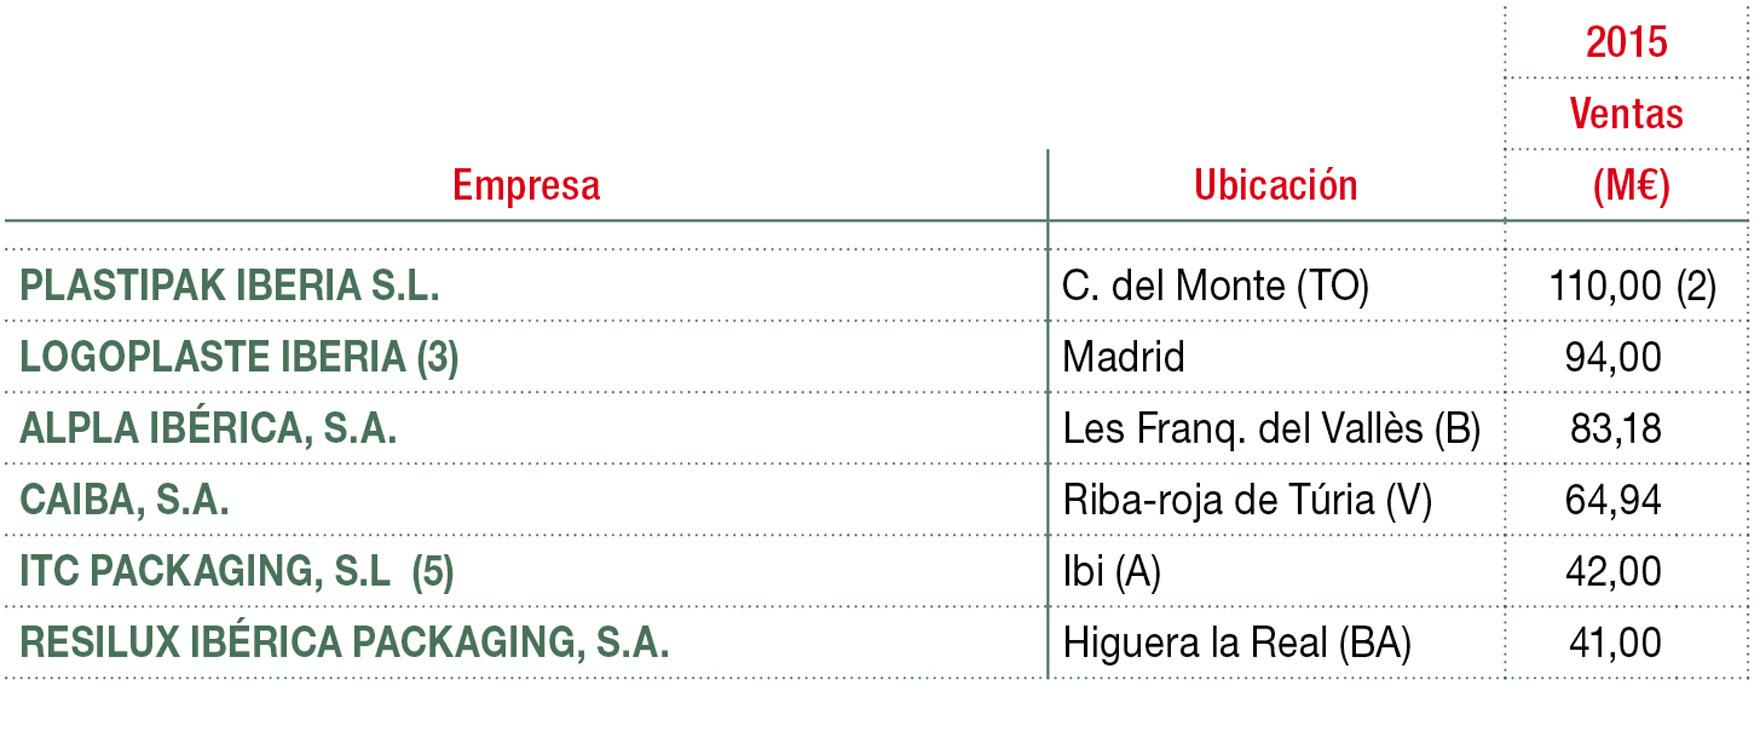 Principales empresas de proveedores de servicios in house, nearby y wall to wall